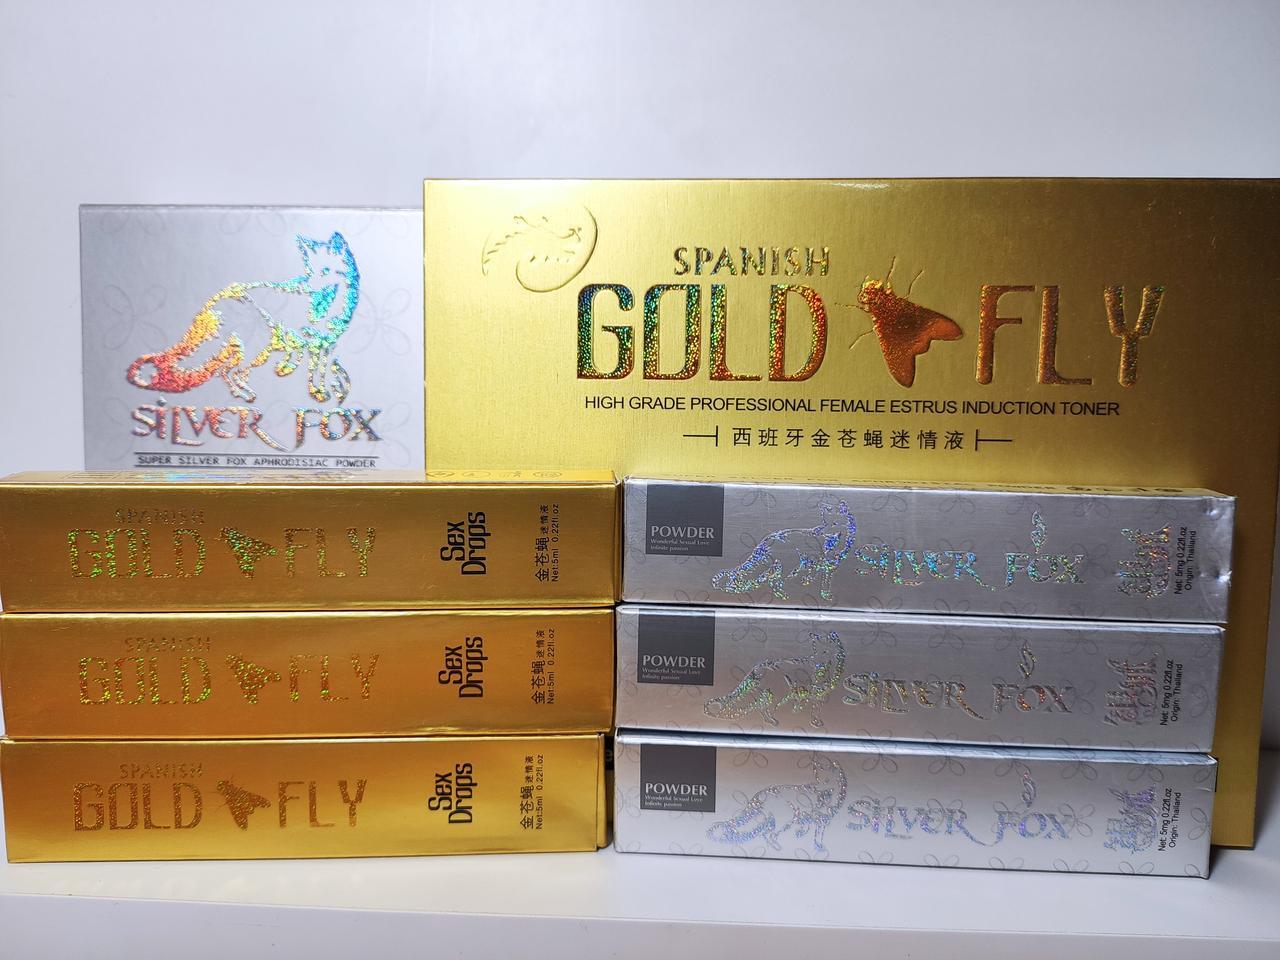 Женский возбудитель Сильвер фокс и Шпанская мушка (Spanish Gold Fly и Silver Fox ) 3+3 штук